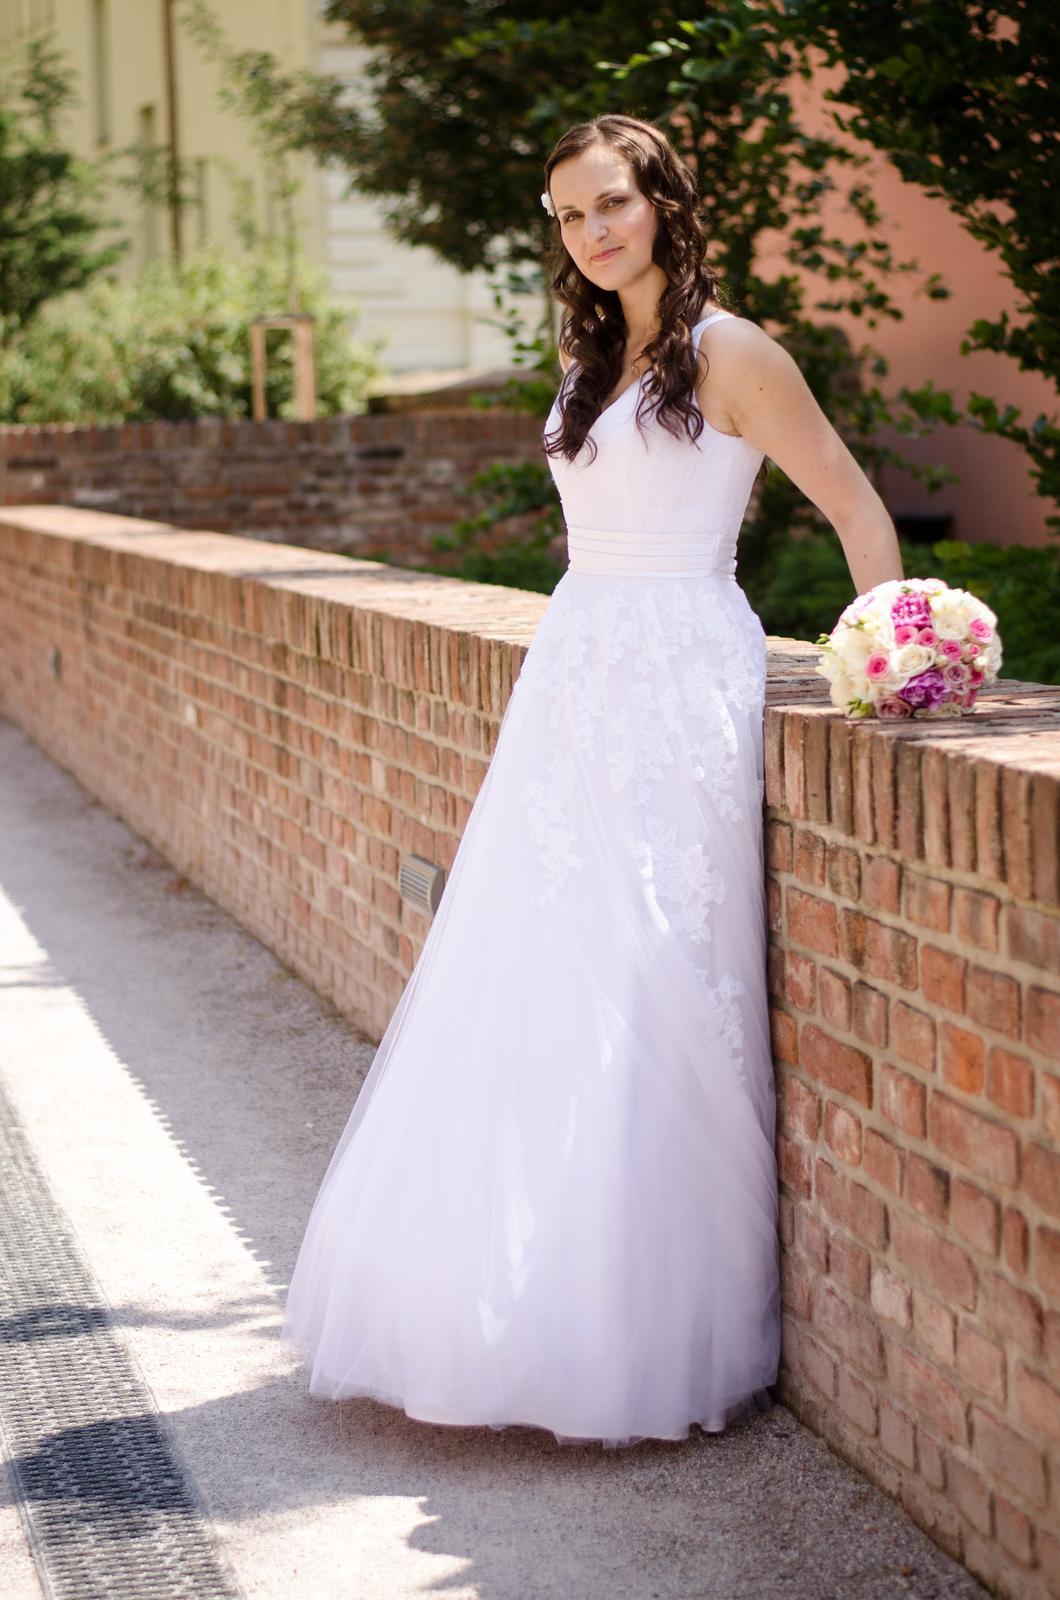 svatební šaty v. 36/38 + kruhová spodnice - Obrázek č. 1